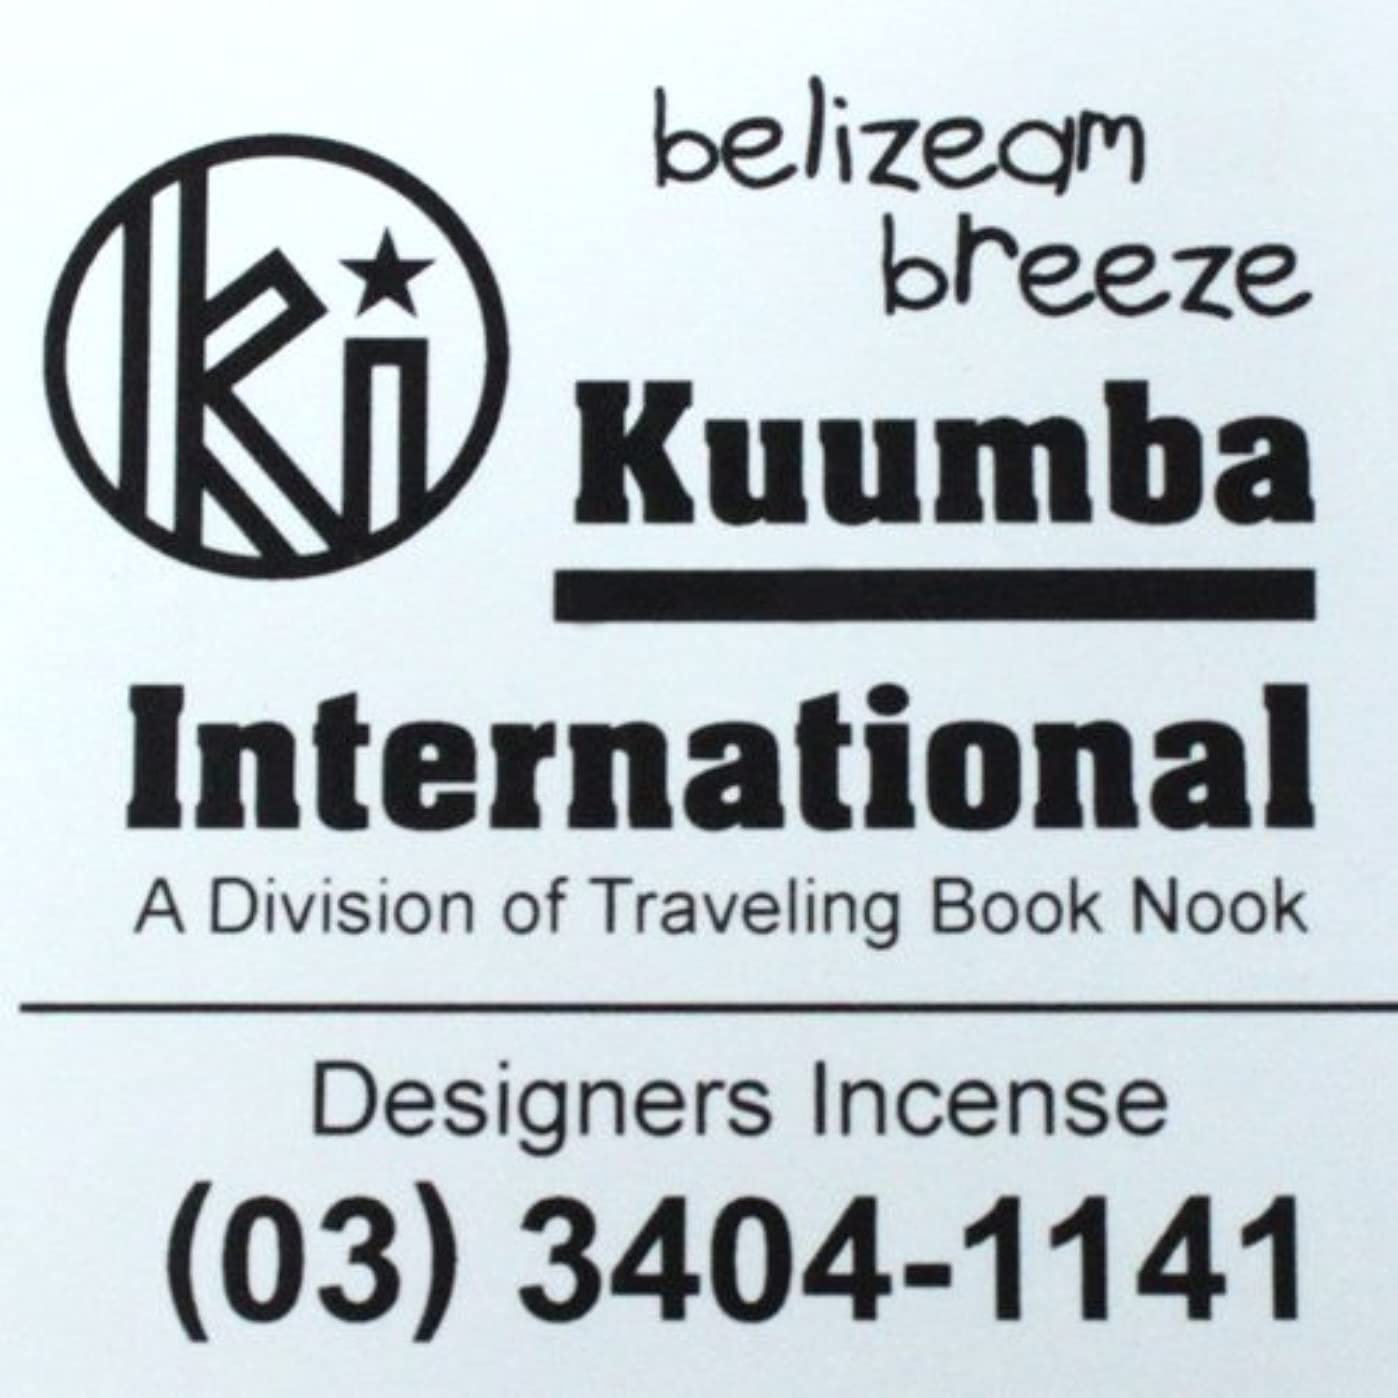 含む癒す上向きKUUMBA (クンバ)『incense』(belizeam breeze) (Regular size)